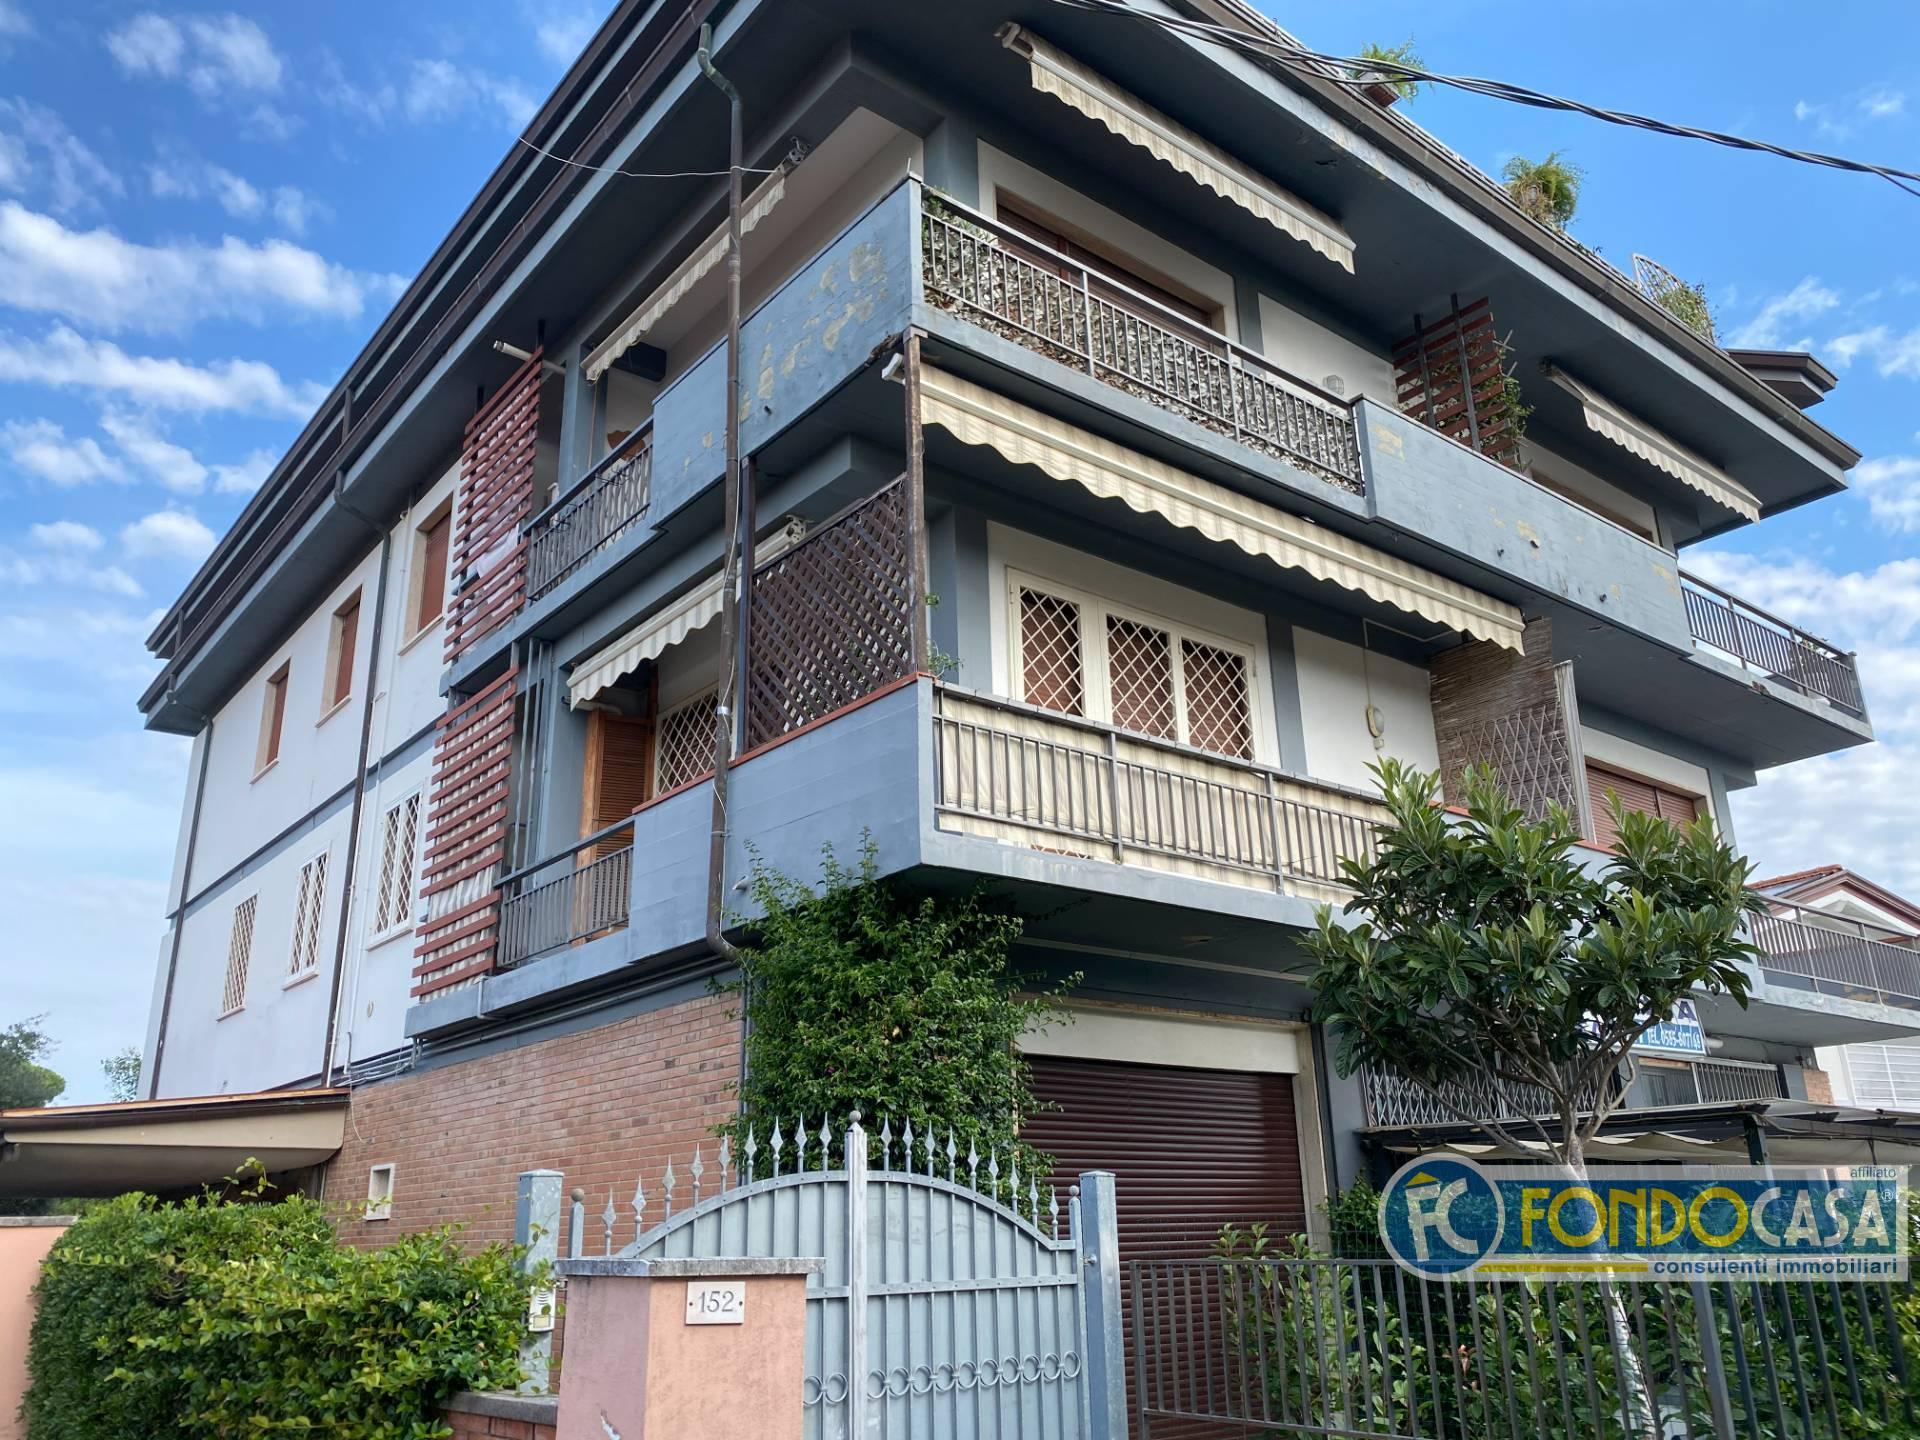 Appartamento in vendita a Montignoso, 6 locali, zona uale, prezzo € 297.800 | PortaleAgenzieImmobiliari.it